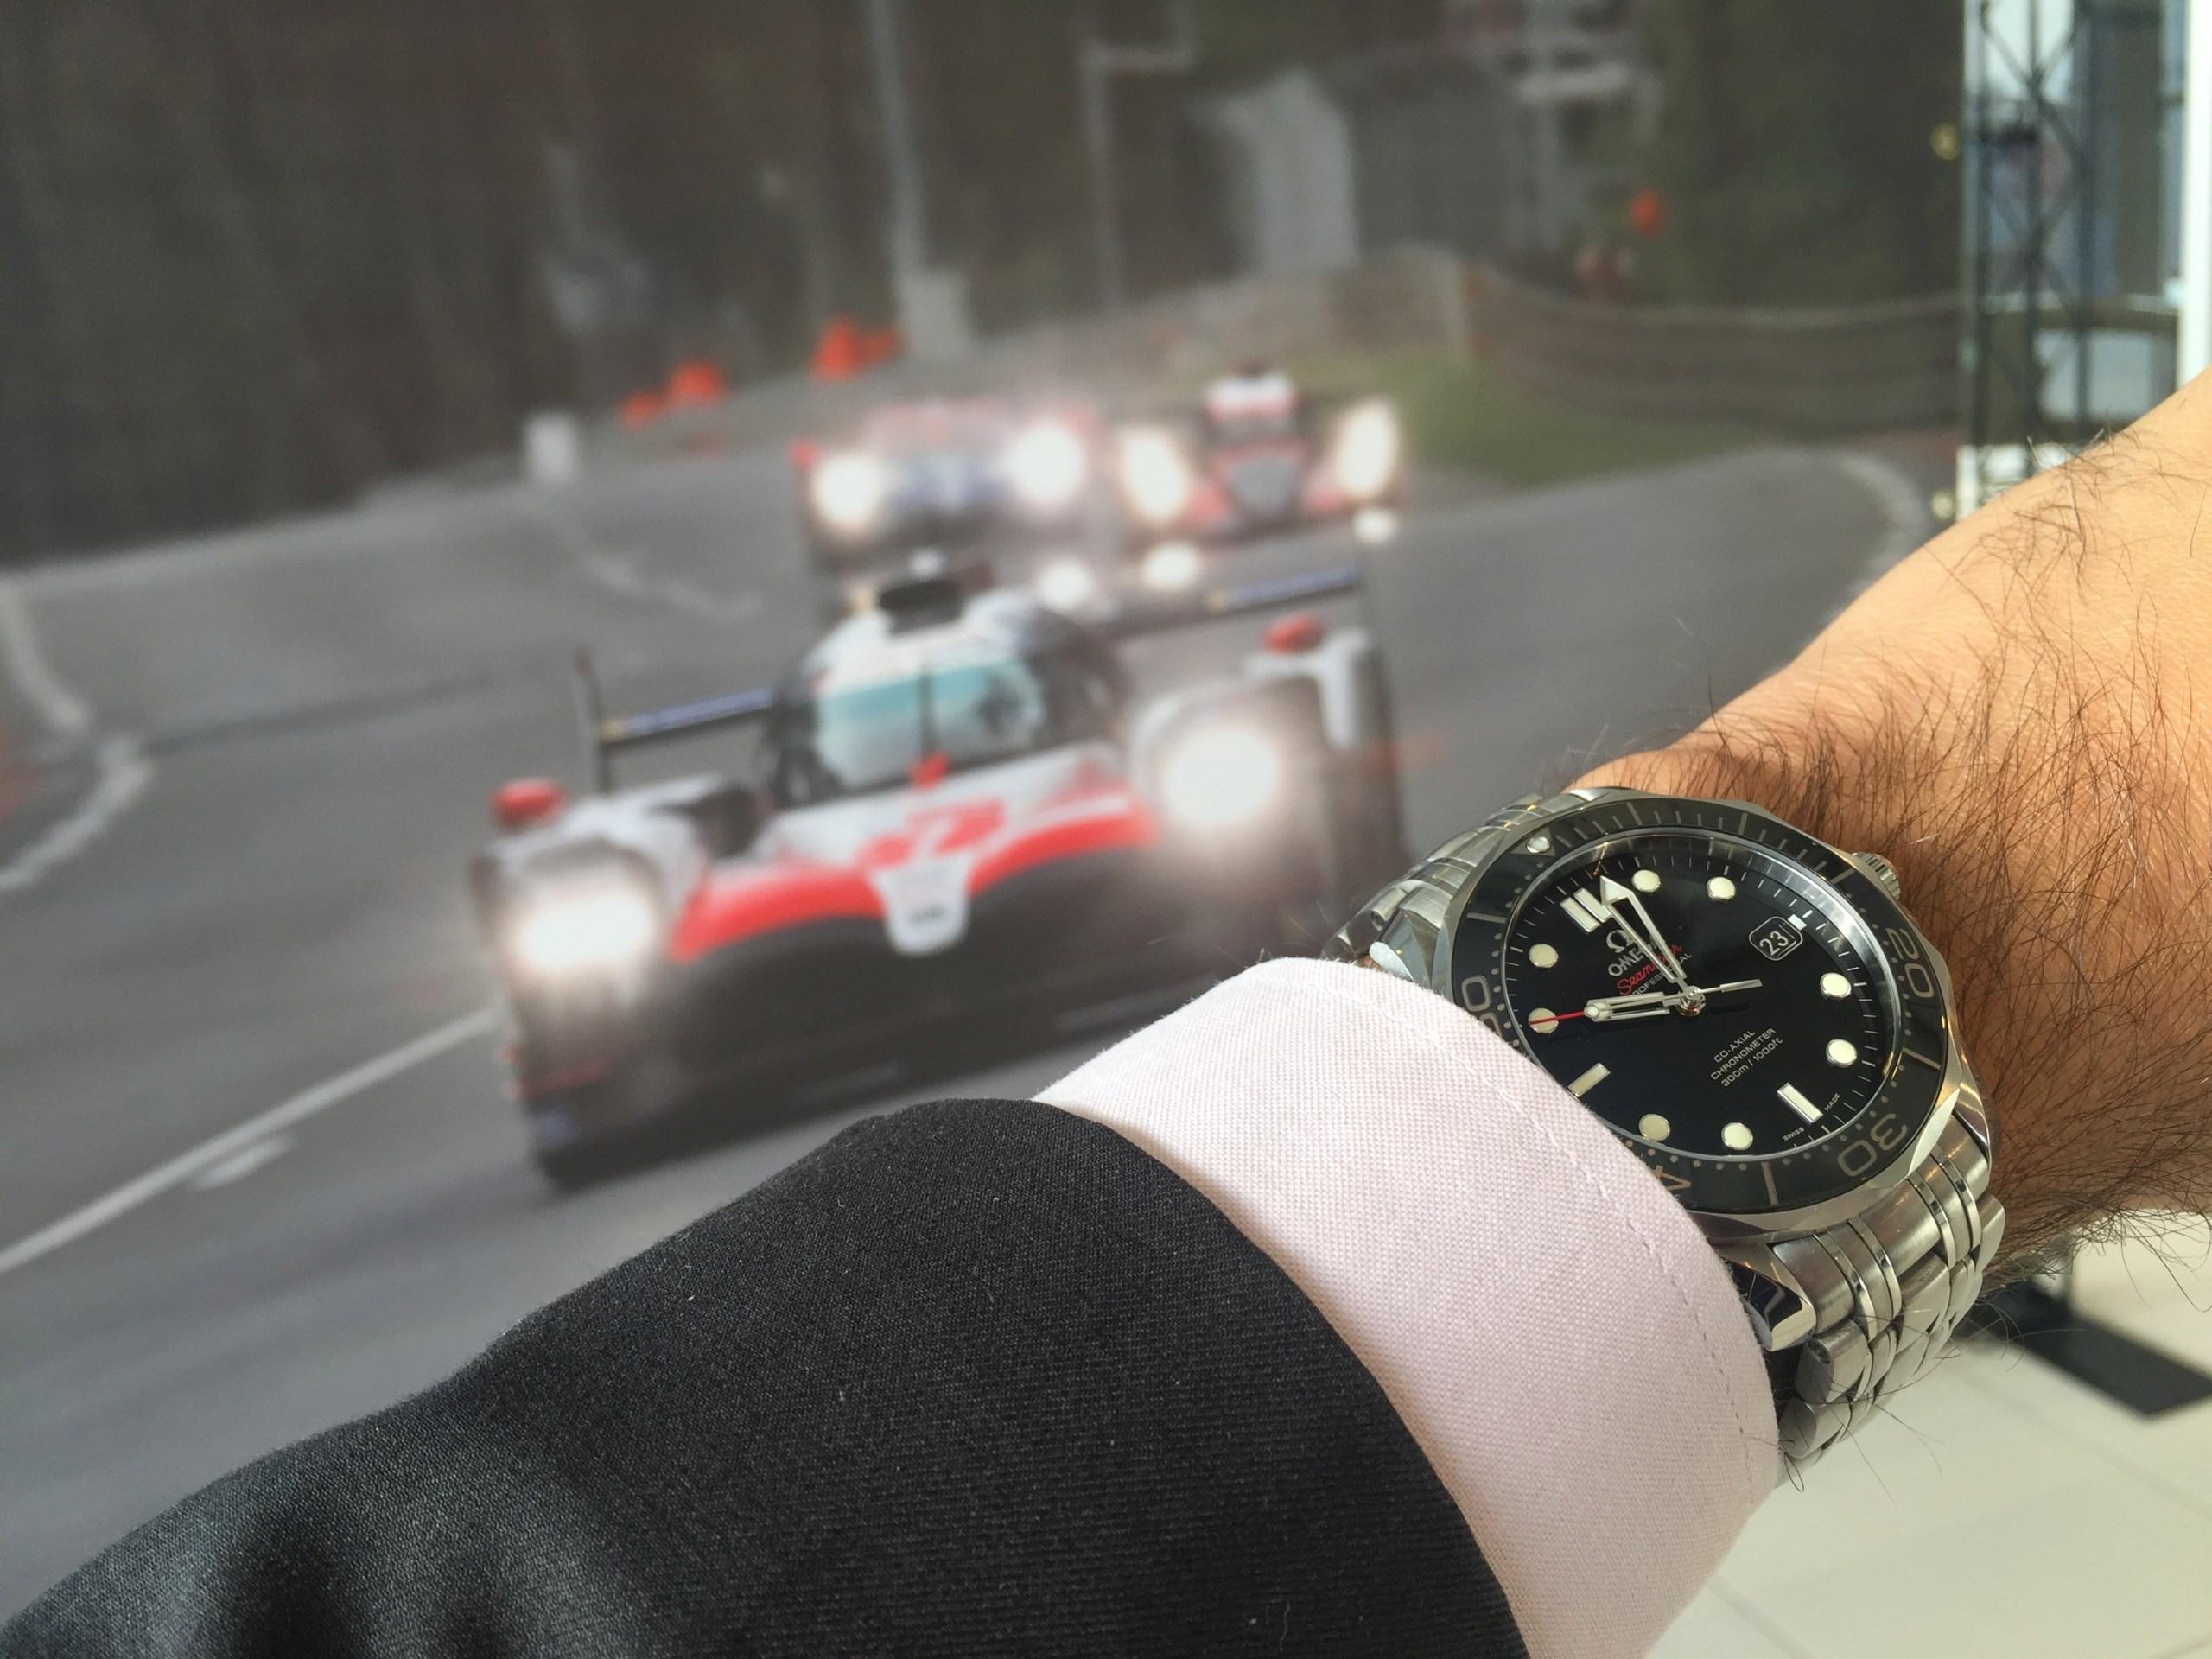 FEU de vos montres sur votre lieu de travail ! - tome 2 - Page 22 Img_5755